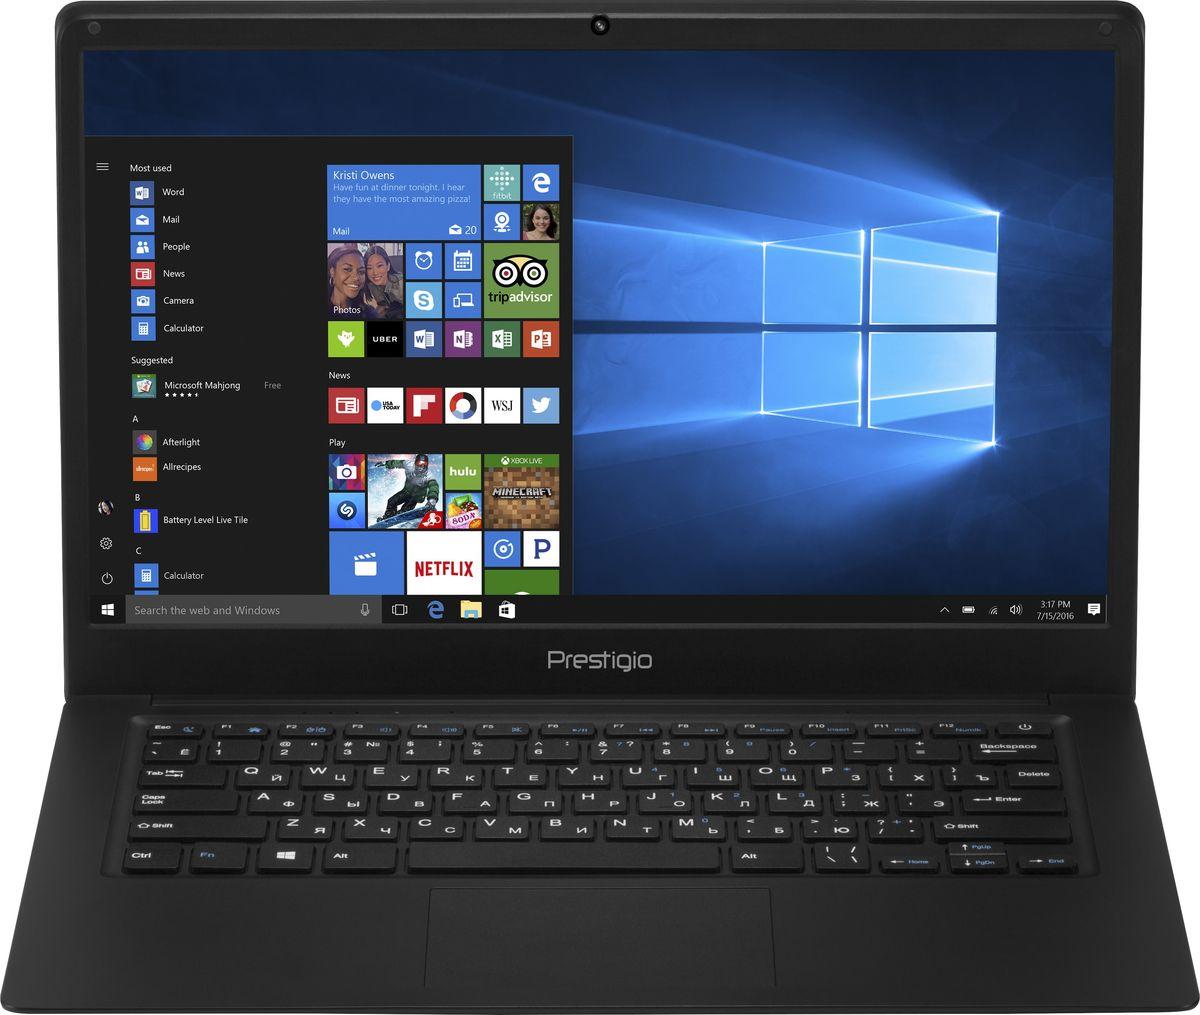 Prestigio SmartBook 141C, BlackPSB141C01BFH_BK_CISPrestigio Smartbook 141С – современный и удобный ноутбук с экраном 14.1, полной версией ОС Windows и универсальным набором портов, который с успехом может заменить ваш стационарный компьютер. Для этого у модели есть все преимущества – полноразмерная клавиатура, производительный процессор с эффективной поддержкой многозадачности и улучшенным режимом энергосбережения.4-ядерный процессор Intel Atom Z8350 (частота до 1,92 ГГц) позволяет ноутбуку выполнять разнообразные задачи без особых усилий. 2 ГБ оперативной памяти и 32 ГБ внутренней памяти помогают ноутбуку работать в режиме многозадачности. При необходимости объем внутреннего хранилища можно увеличить с помощью карты microSD до 128 ГБ. Эффективное управление потреблением энергии и ёмкость батареи 9000 мАч позволяют устройству проработать до 8 часов без подзарядки, чего вполне достаточно для целого рабочего дня.Яркий и контрастный 14.1-дюймовый экран с Full HD разрешением и IPS матрицей обеспечивают чёткое изображение и насыщенные цвета.Небольшая толщина Smartbook 141С (всего 2.3 см) и вес 1,45 кг позволяют его брать с собой и находиться на связи в любой точке мира – вы по достоинству оцените свободу перемещений.С Windows 10 Home, установленной на Smartbook 141C, вы сможете наслаждаться всеми преимуществами современной операционной системы. Интуитивно понятный интерфейс поможет быстрее и эффективнее справляться с задачами, улучшенная производительность позволит вам почувствовать новый уровень мощности, а благодаря дополнительным сервисам и приложениям каждая секунда с новым устройством будет полна комфорта и восхищения.Smartbook 141С не нуждается в переходниках: универсальный набор портов позволяет организовать мобильный офис в считанные минуты. С помощью порта mini HDMI, полноразмерного USB 3.0 и USB 2.0 вы без проблем подключите большой экран, мышь, принтер или сканер.Точные характеристики зависят от модификации.Ноутбук сертифицирован EAC и имеет русифицированную к